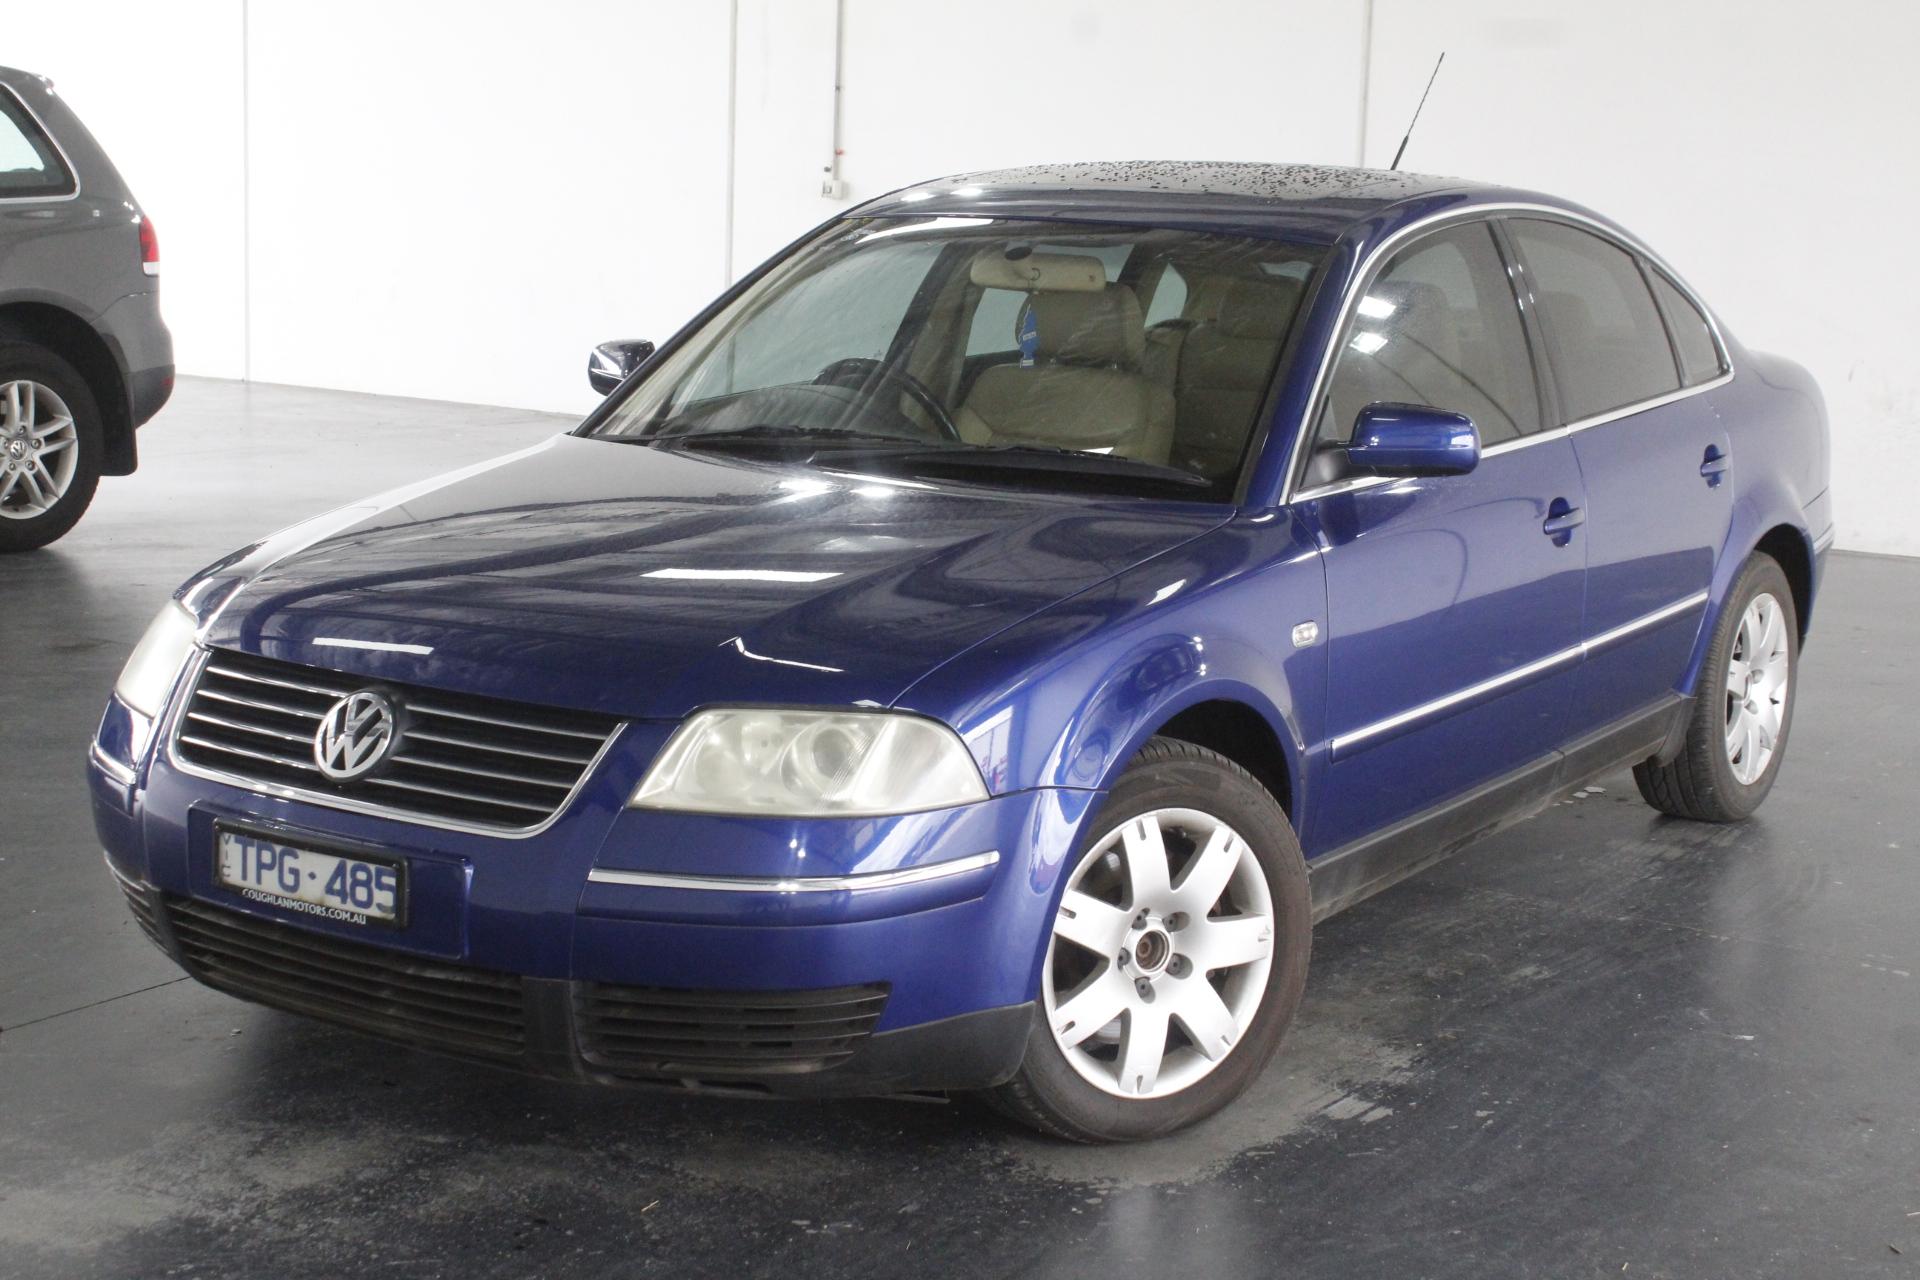 2002 Volkswagen Passat 2.8 V6 Automatic Sedan